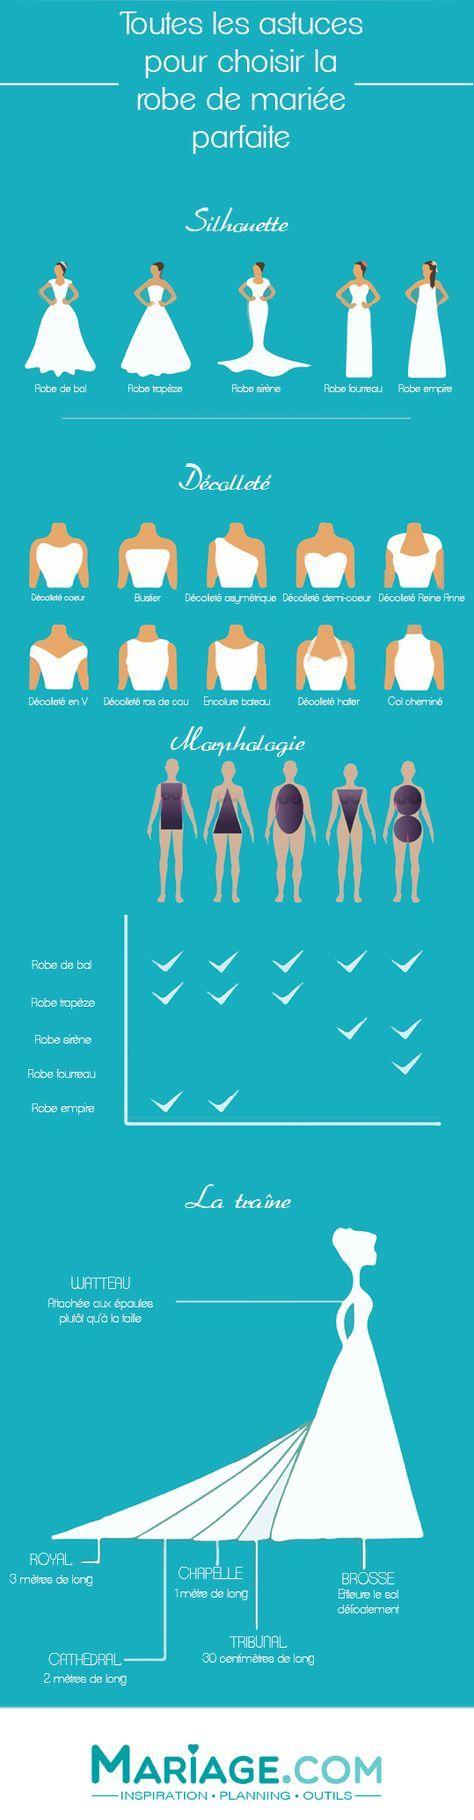 astuces pour choisir la robe parfaite pour votre mariage infographie